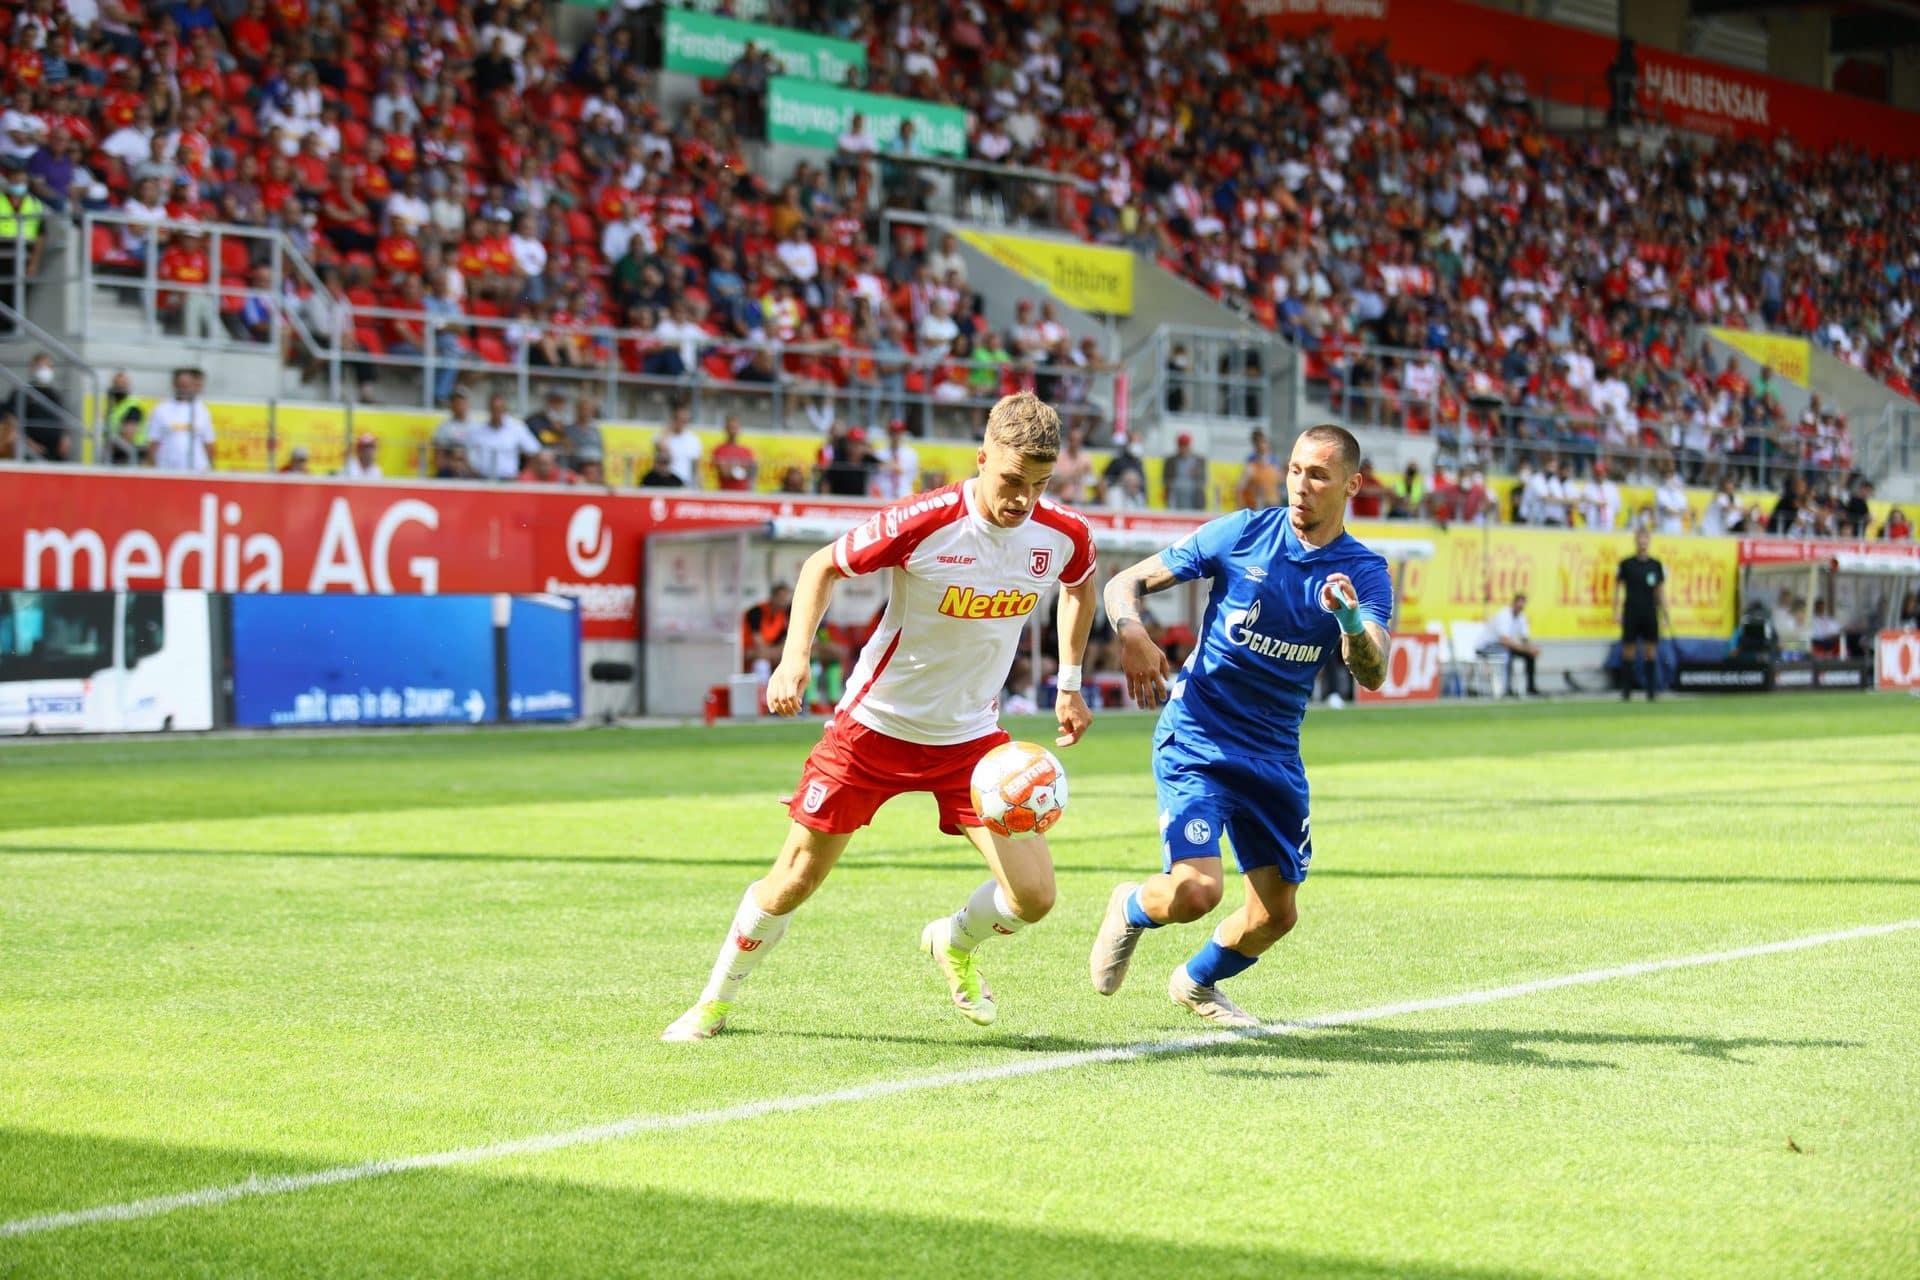 SSV Jahn rockt mit Super-Teamgeist die 2. Liga Am Sonntag  gastiert Regensburg bei St. Pauli